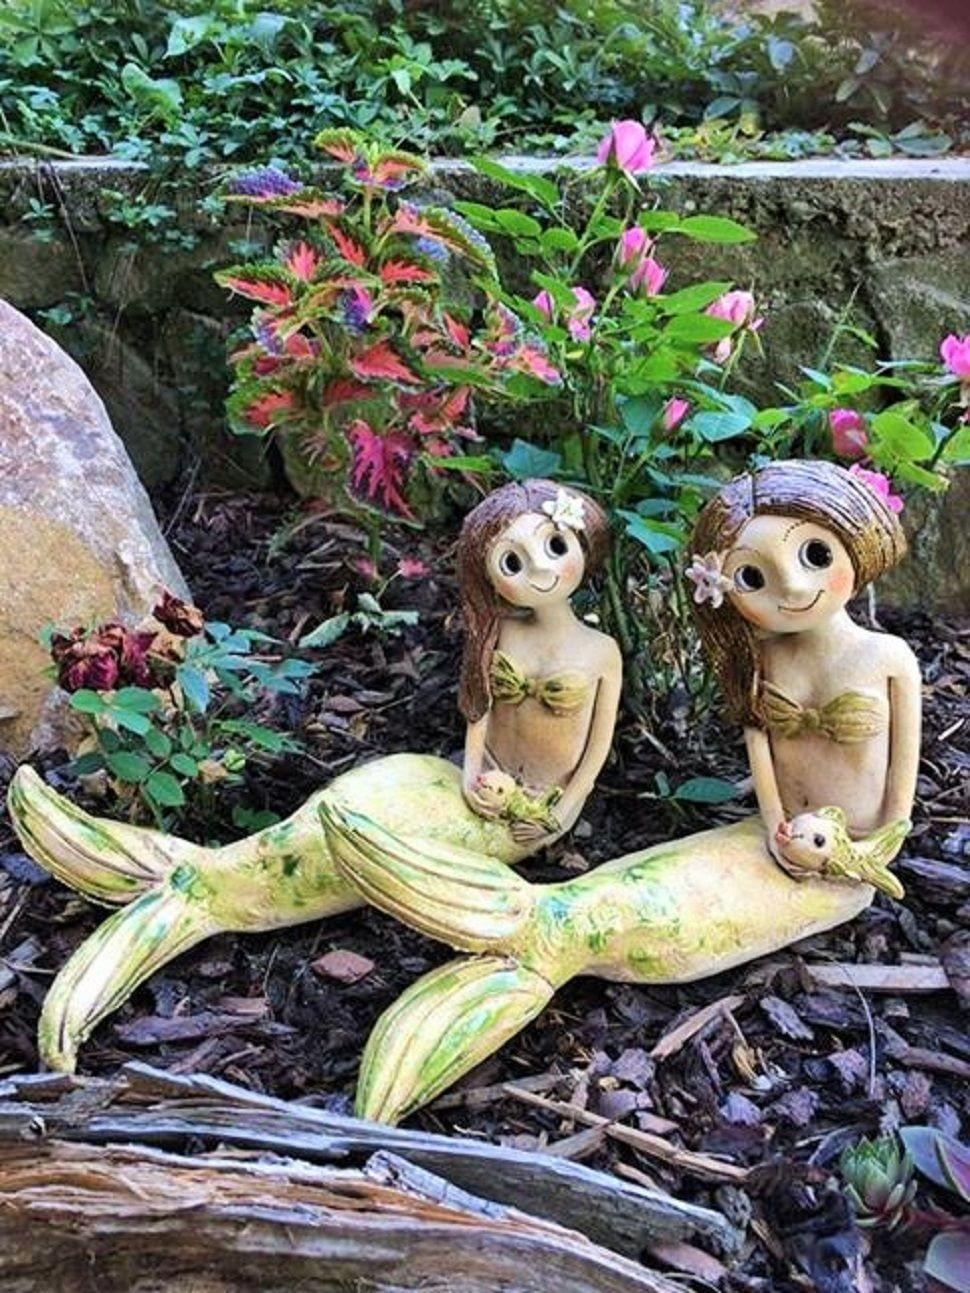 morska panna vila ryba keramika andee